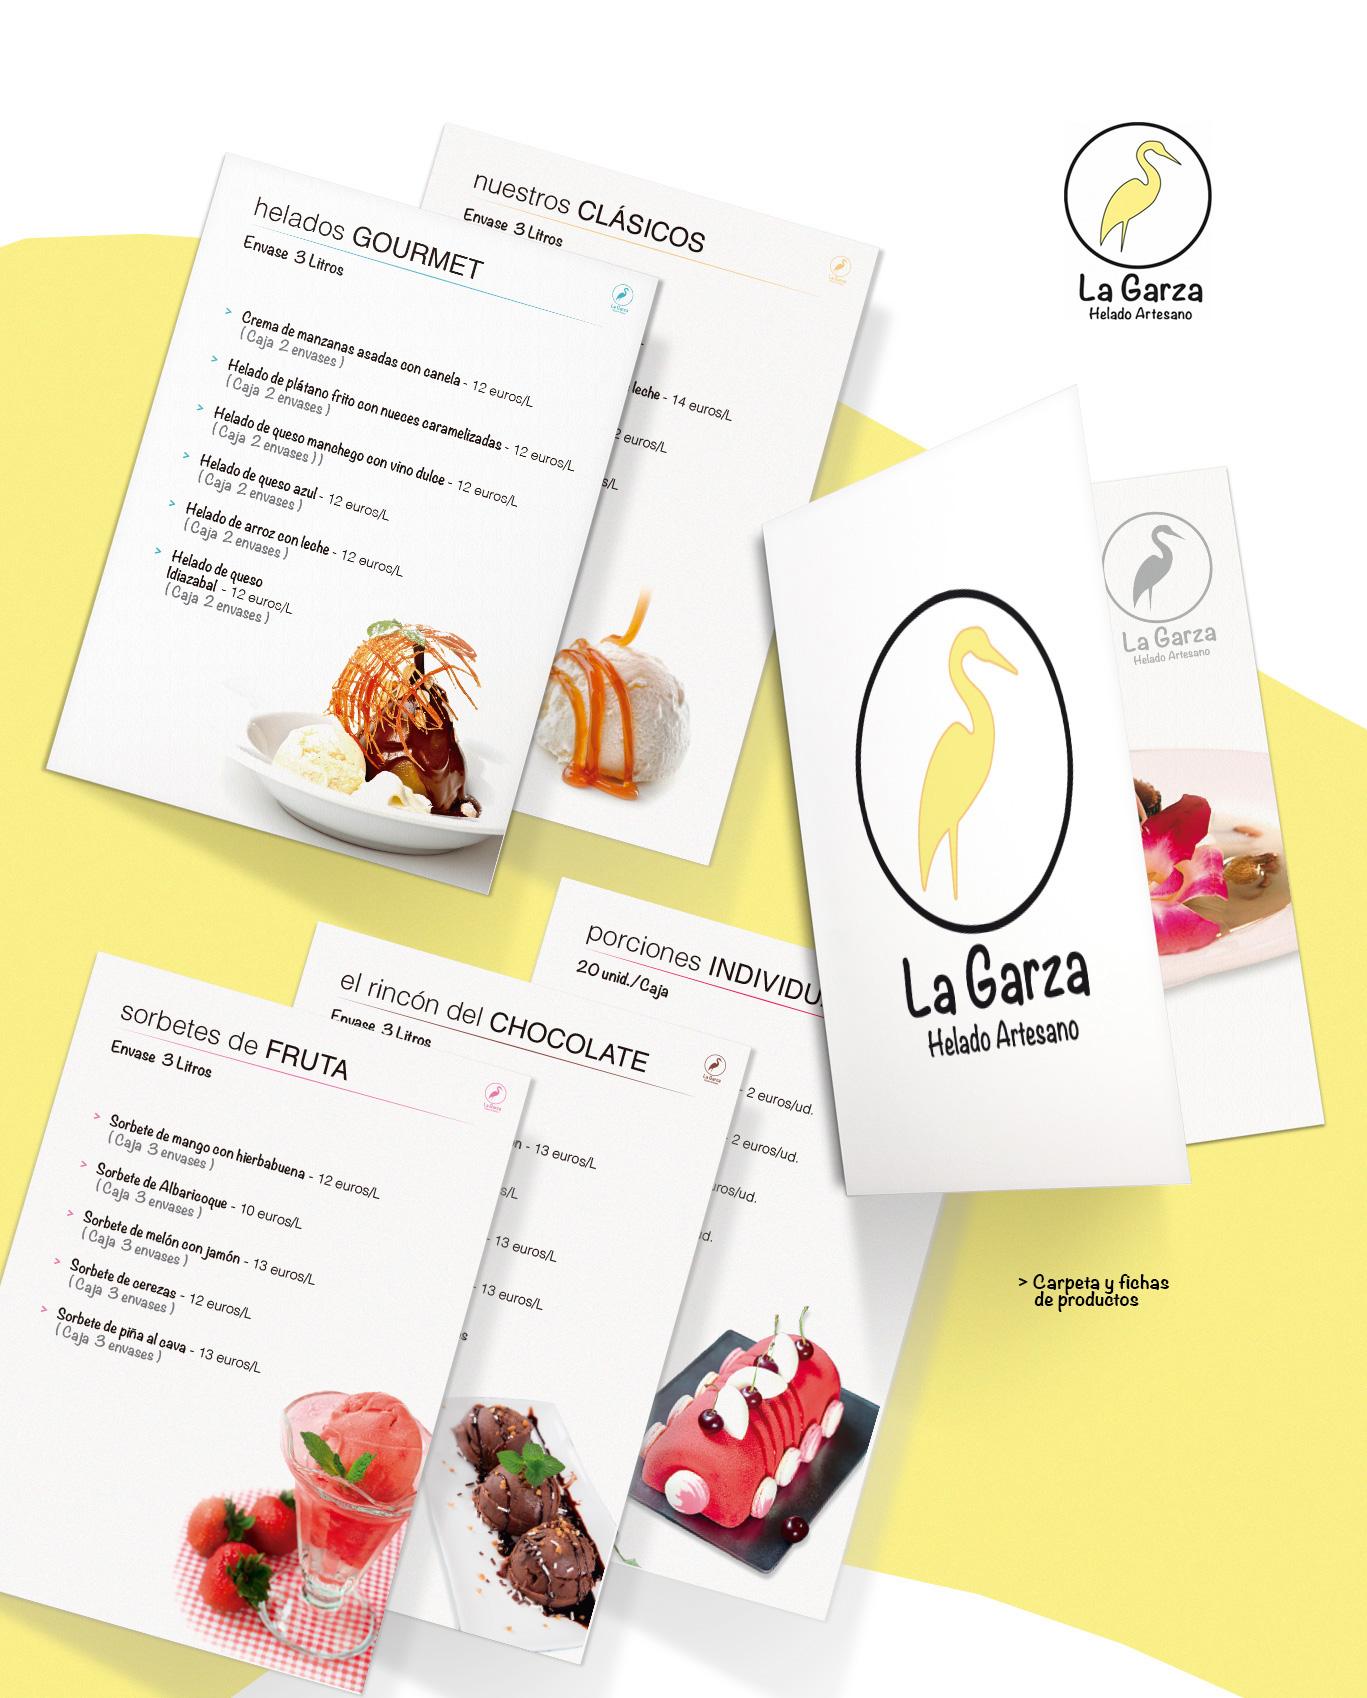 Diseño gráfico e impresión de carpeta y fichas producto para La Garza Helados Artesanos